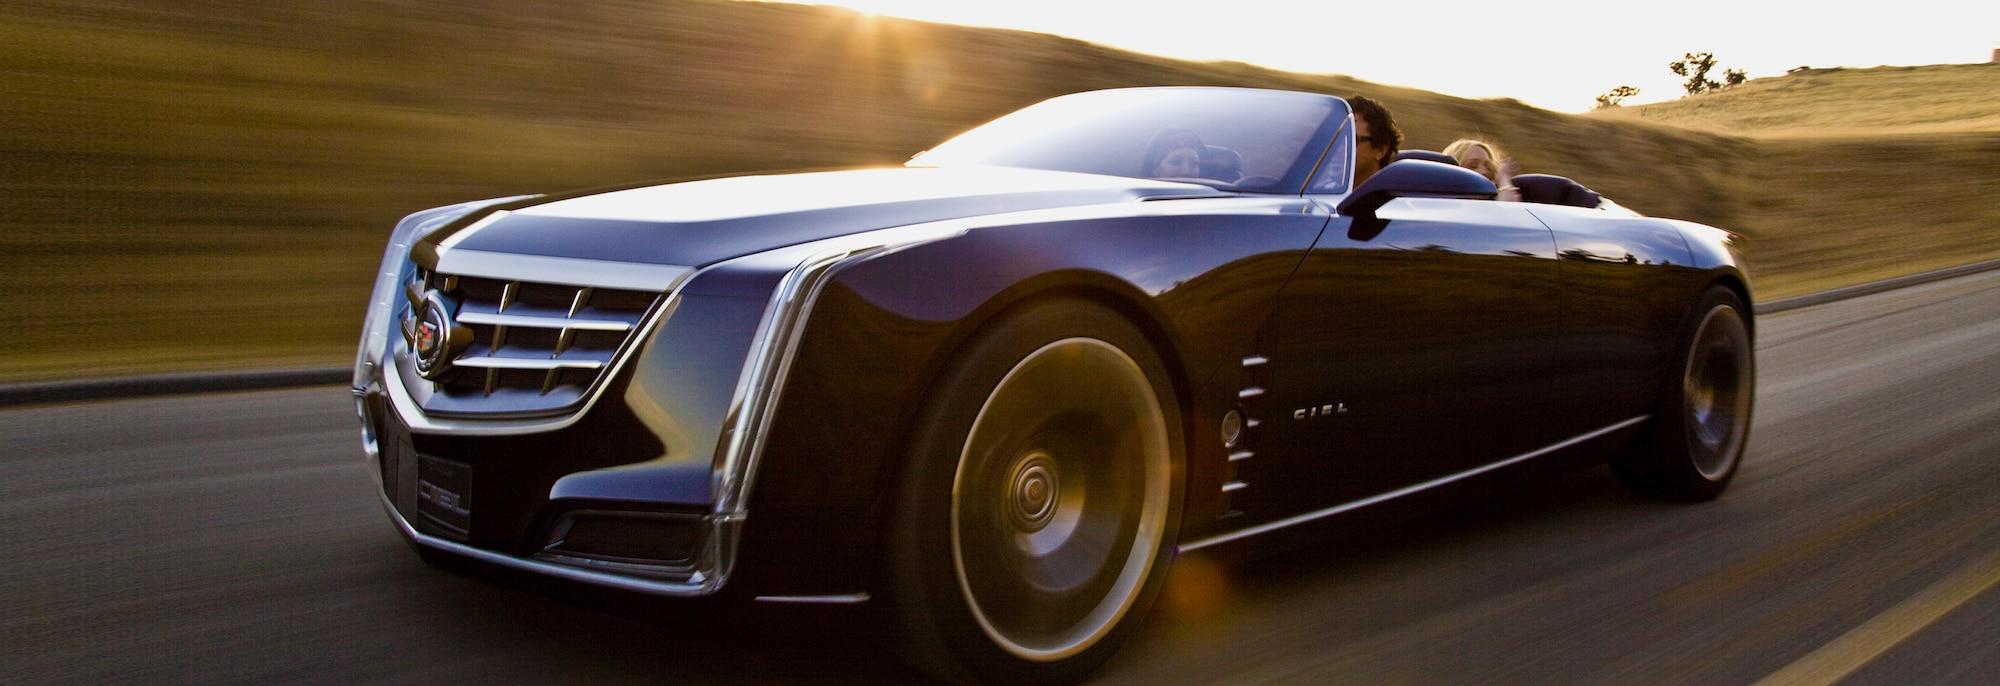 Exceptional Cadillac Ciel